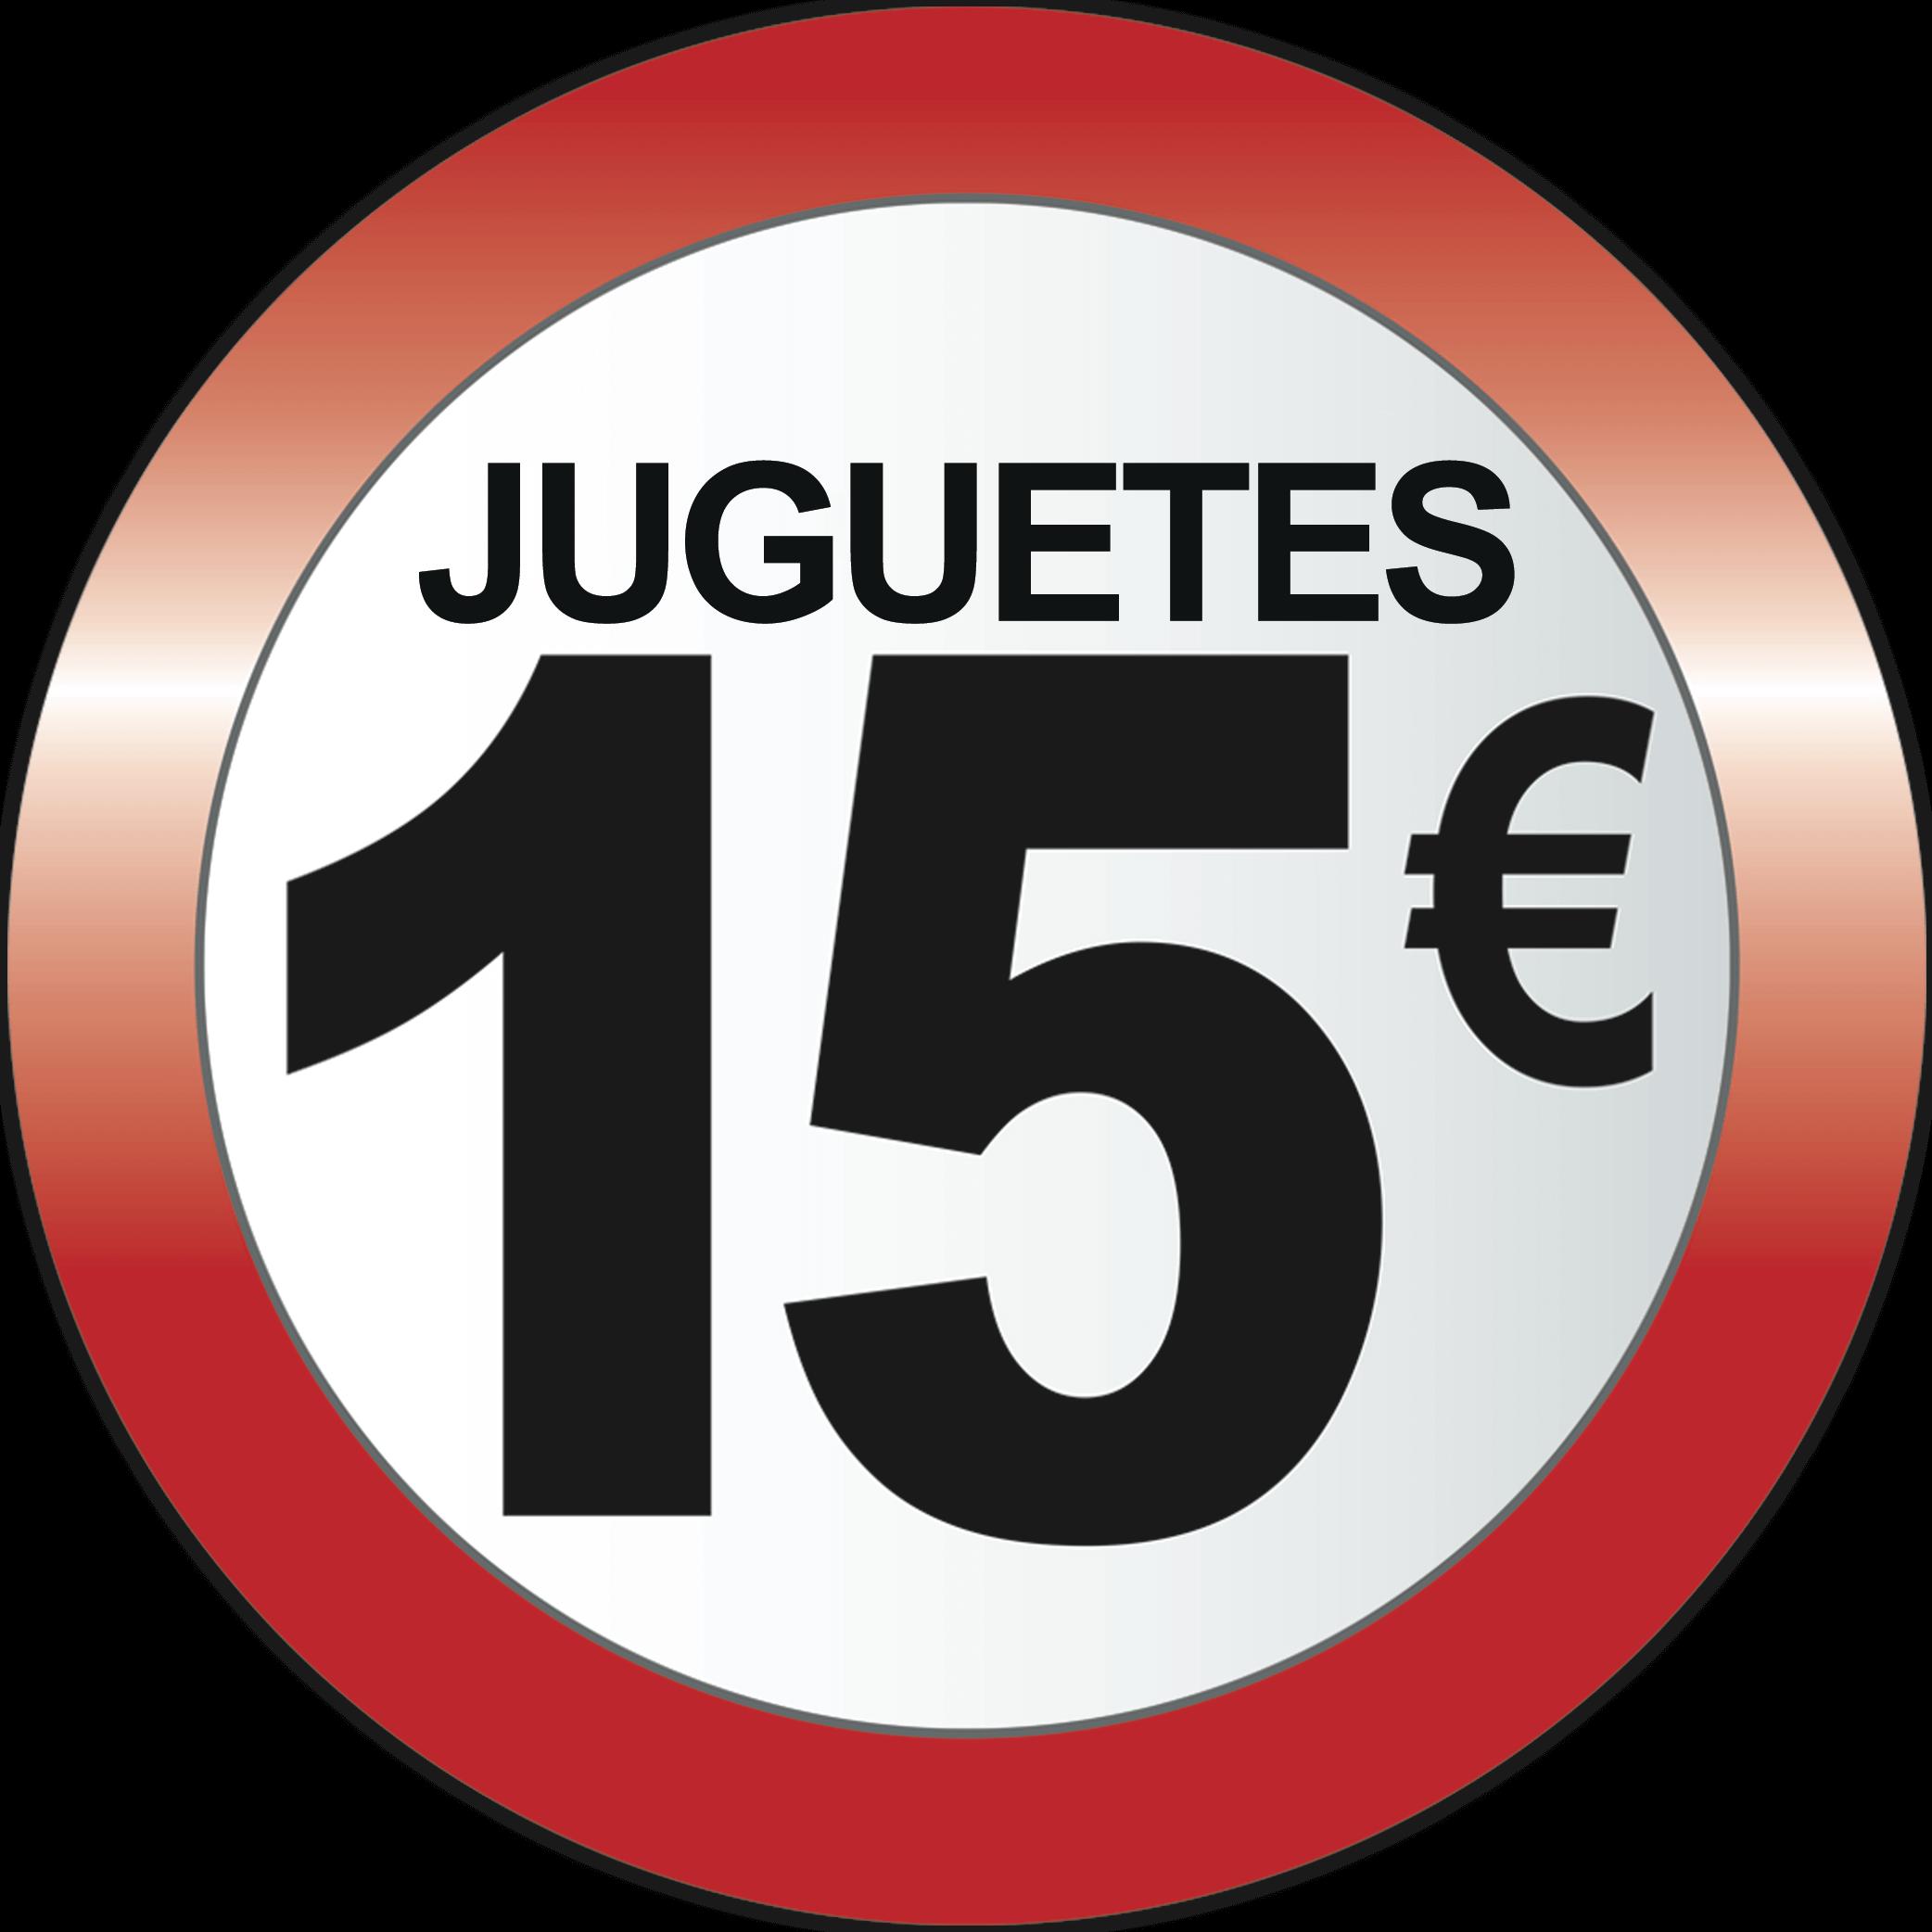 Juguetes 15€